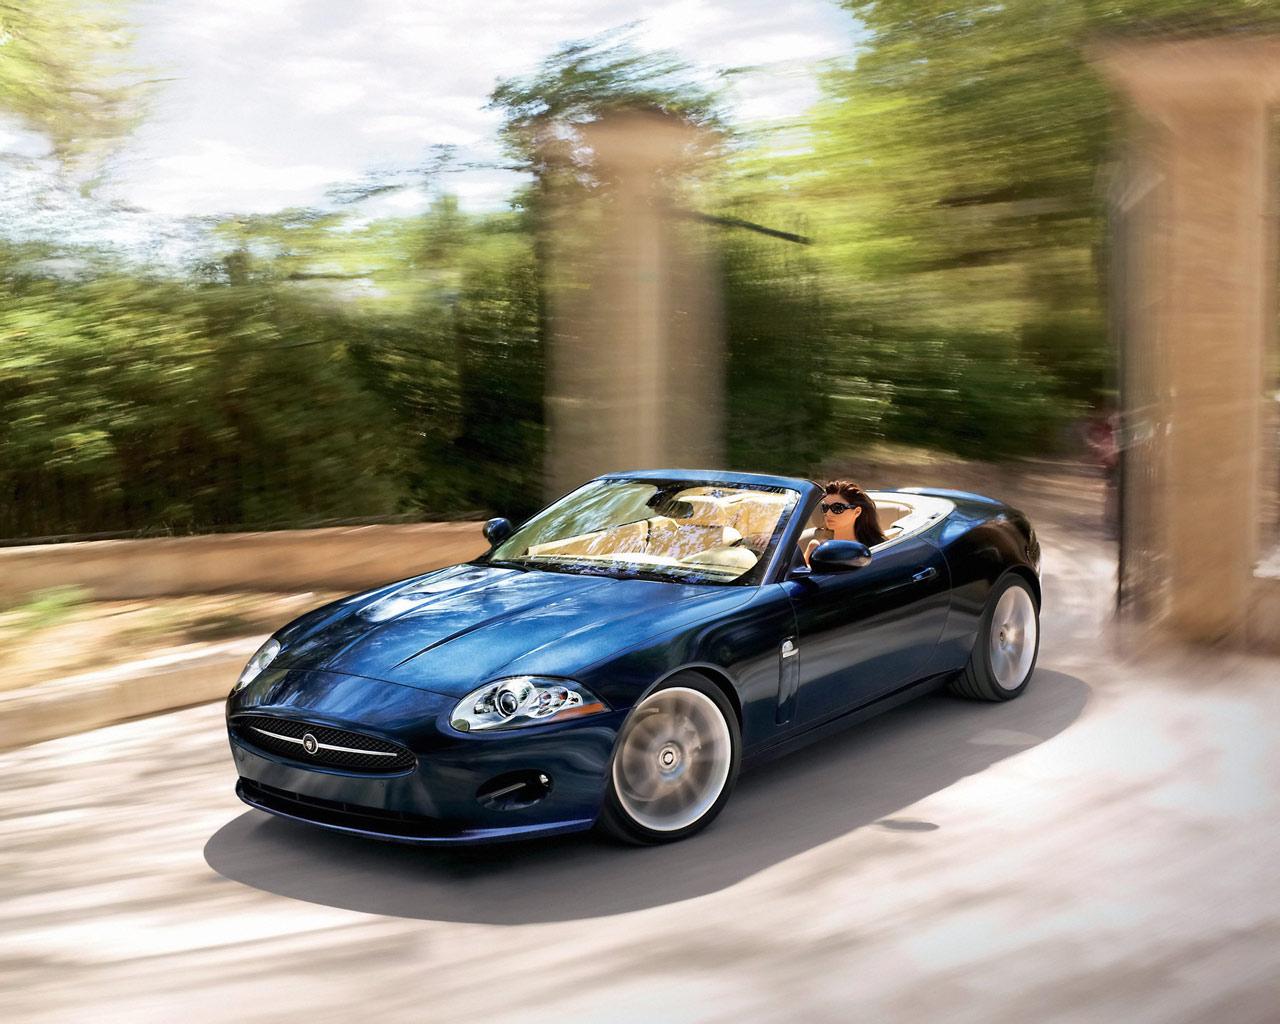 Jaguar XK8 4.2 Cabriolet